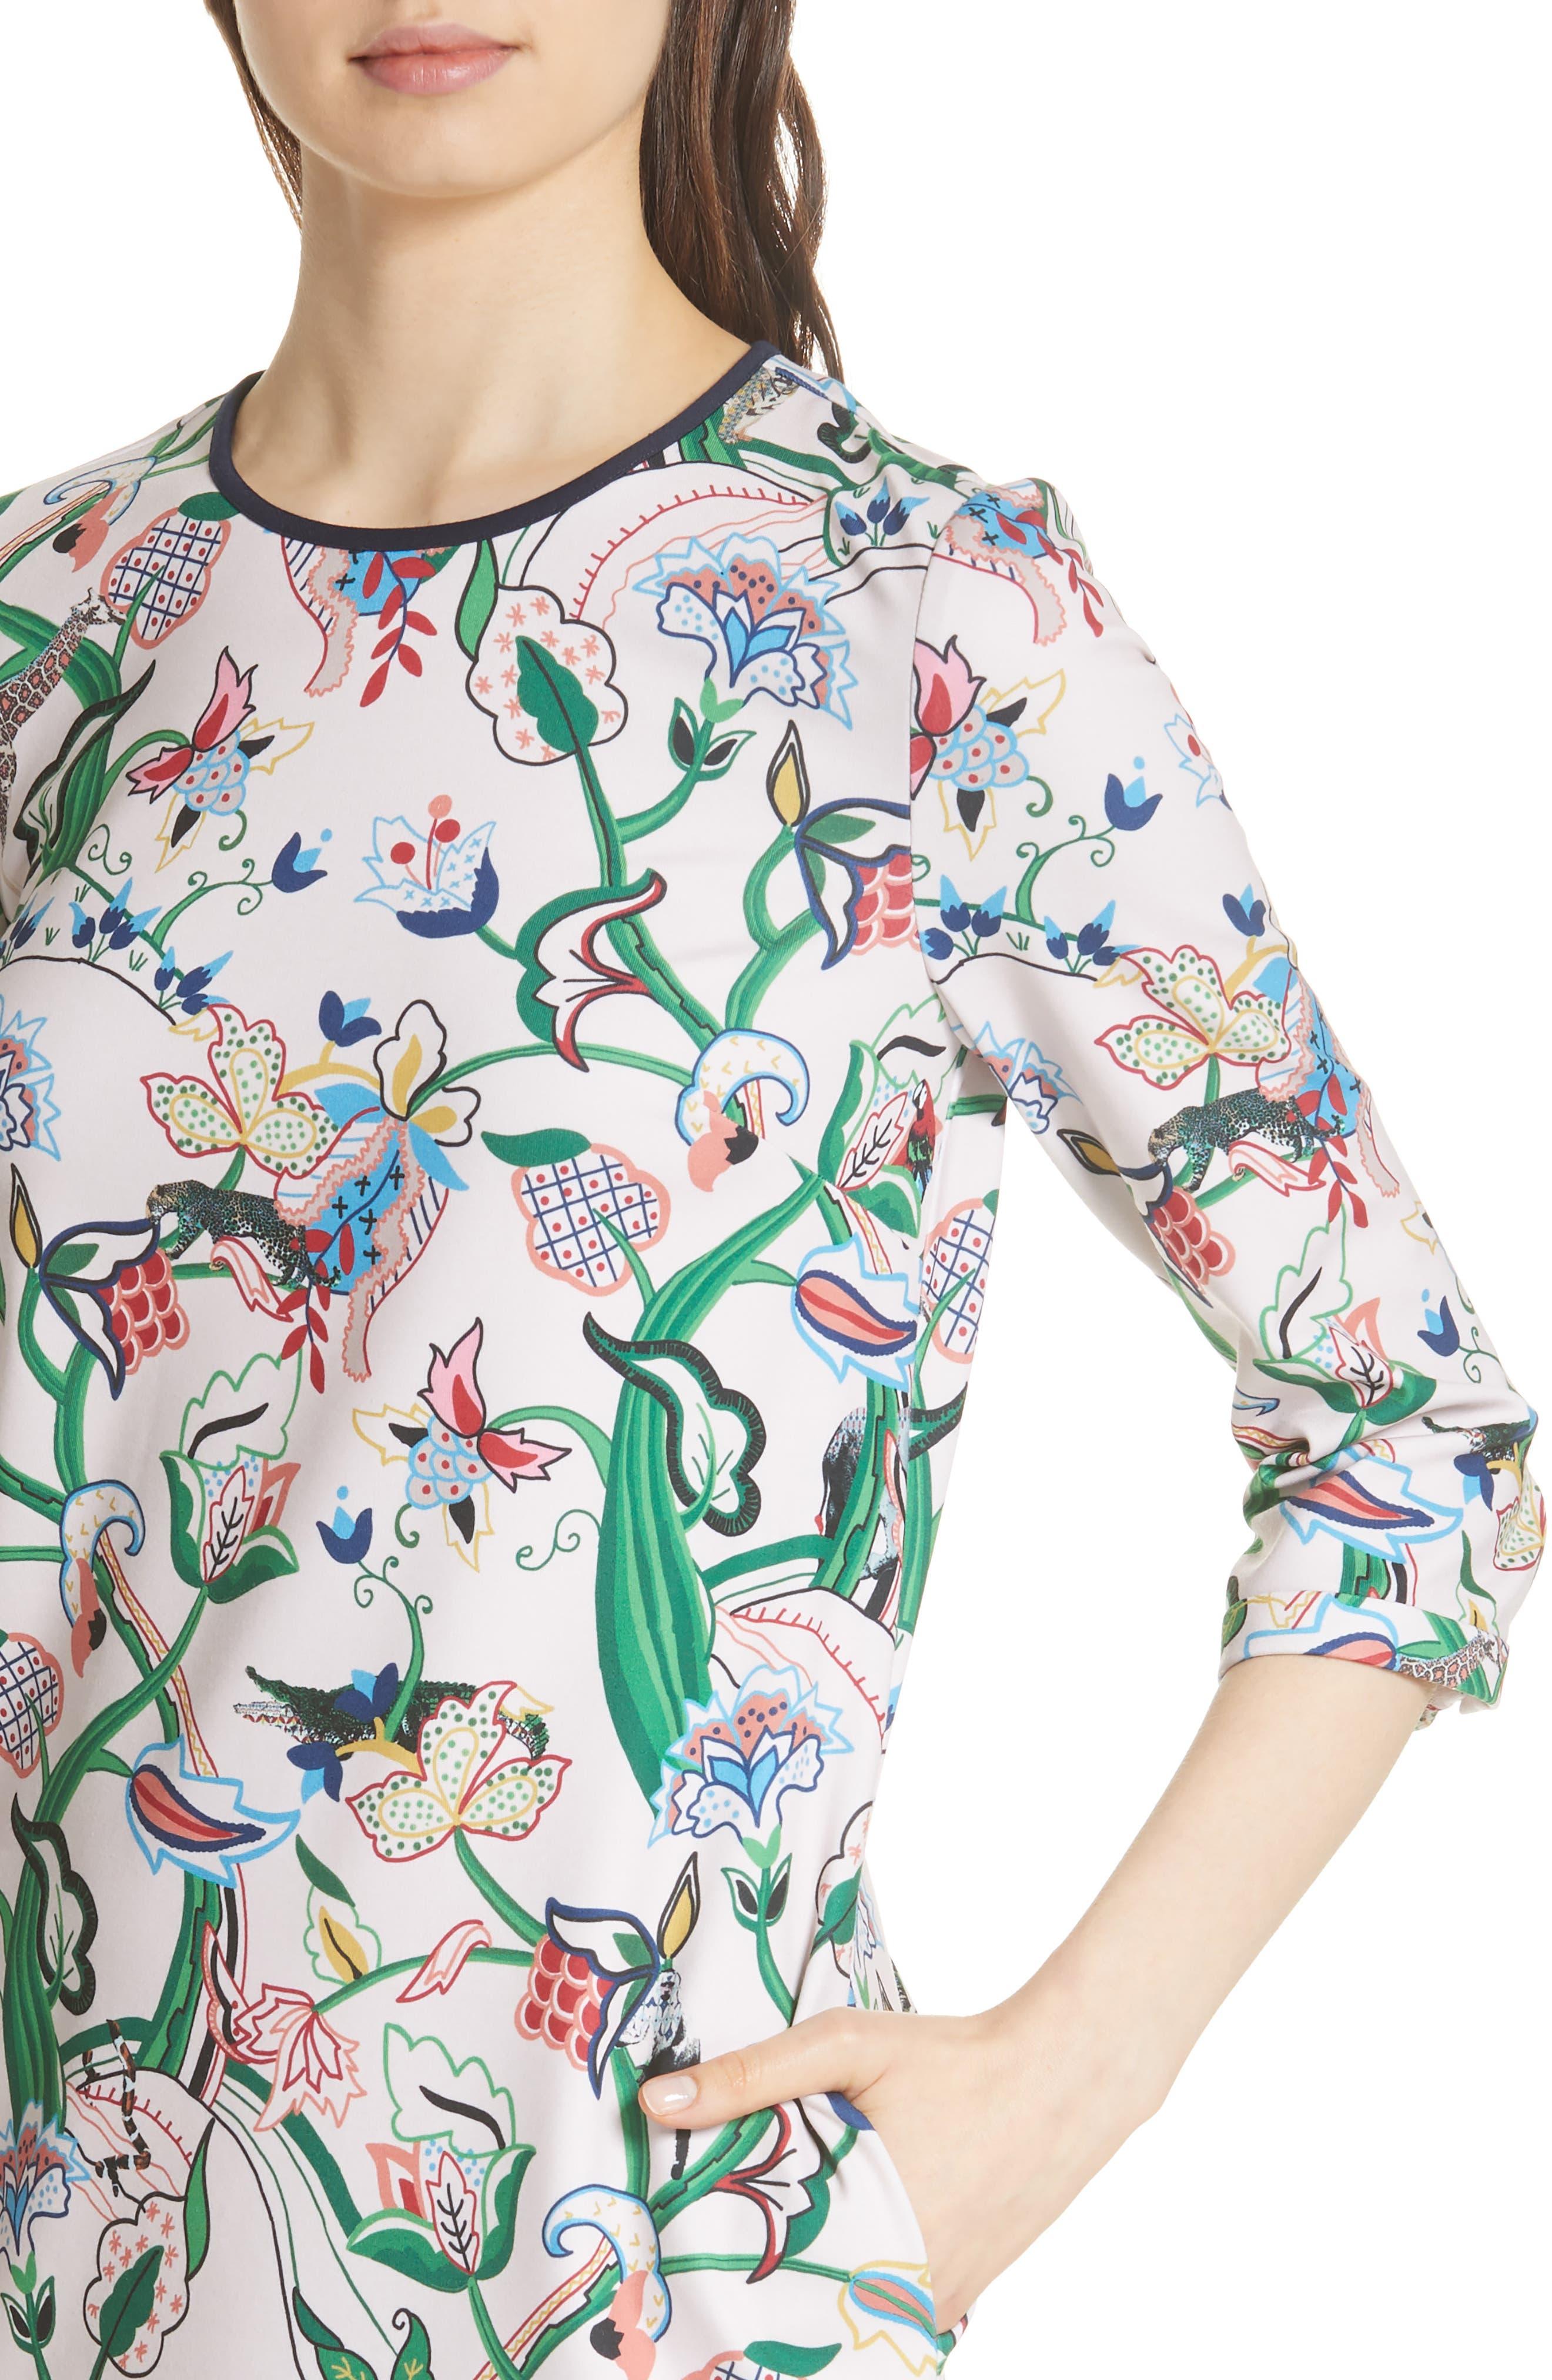 Volca Jungle Print Shift Dress,                             Alternate thumbnail 4, color,                             652